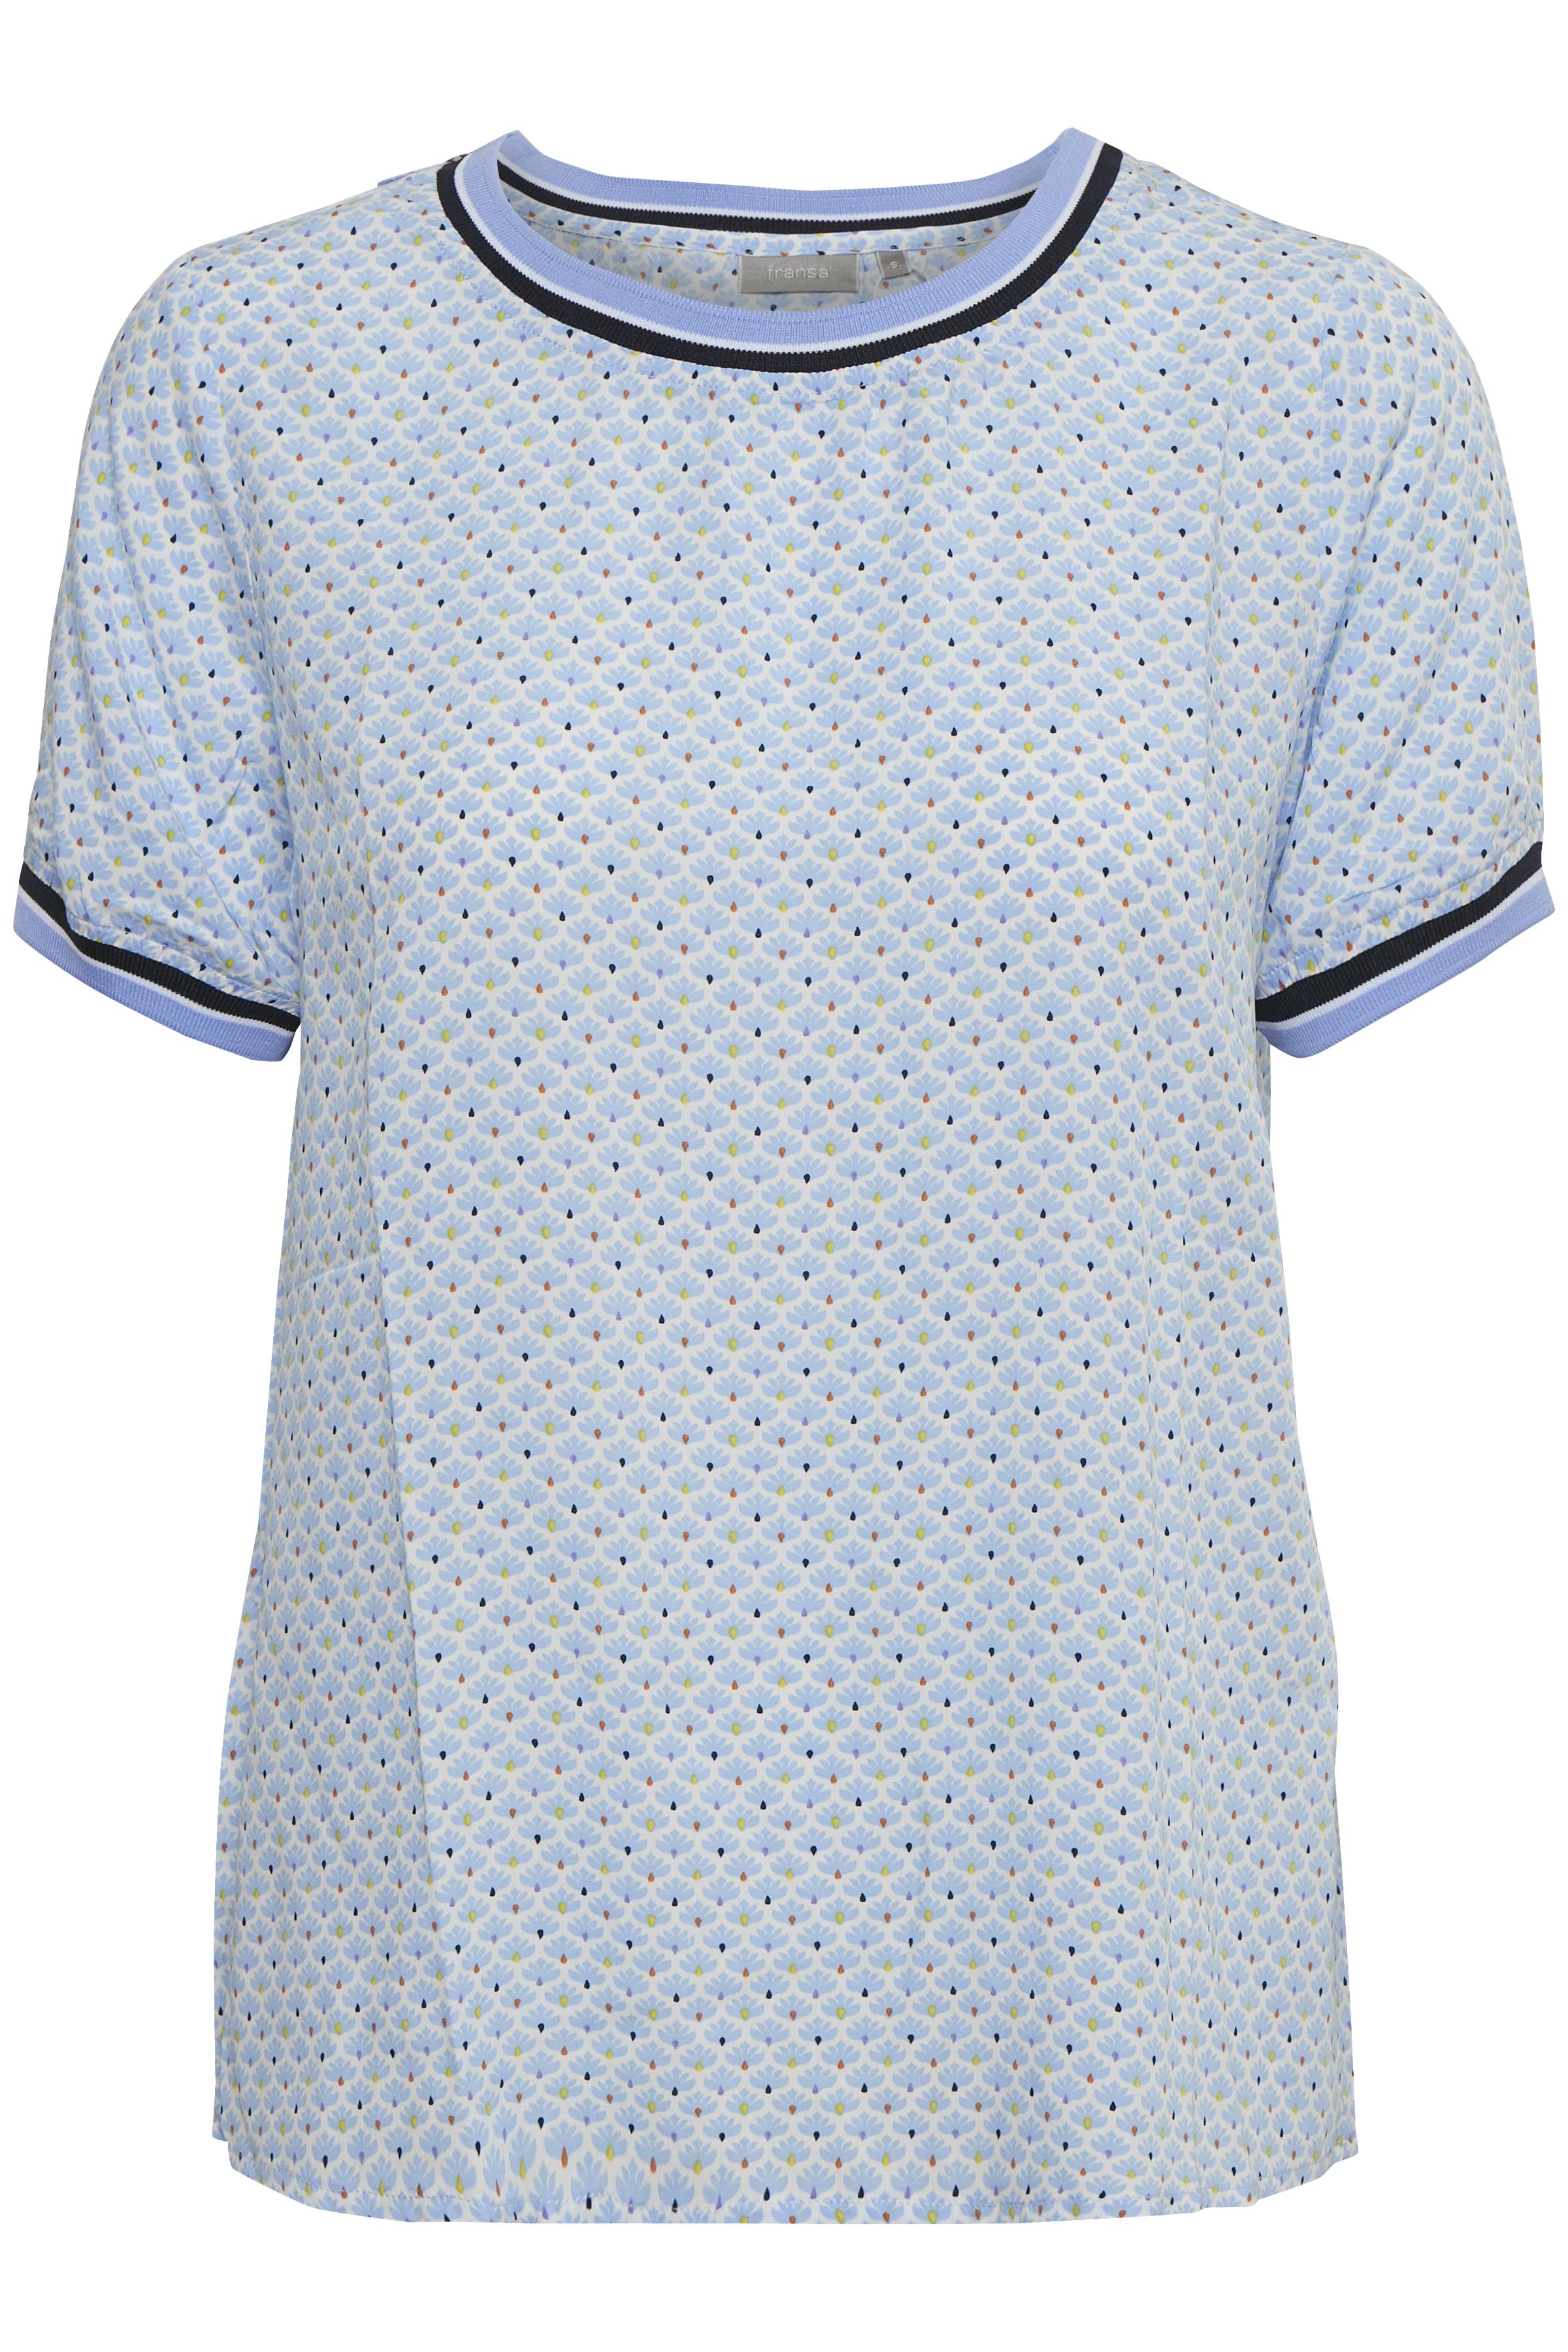 Weiß/hellblau Kurzarm-Bluse von Fransa – Shoppen Sie Weiß/hellblau Kurzarm-Bluse ab Gr. XS-XXL hier